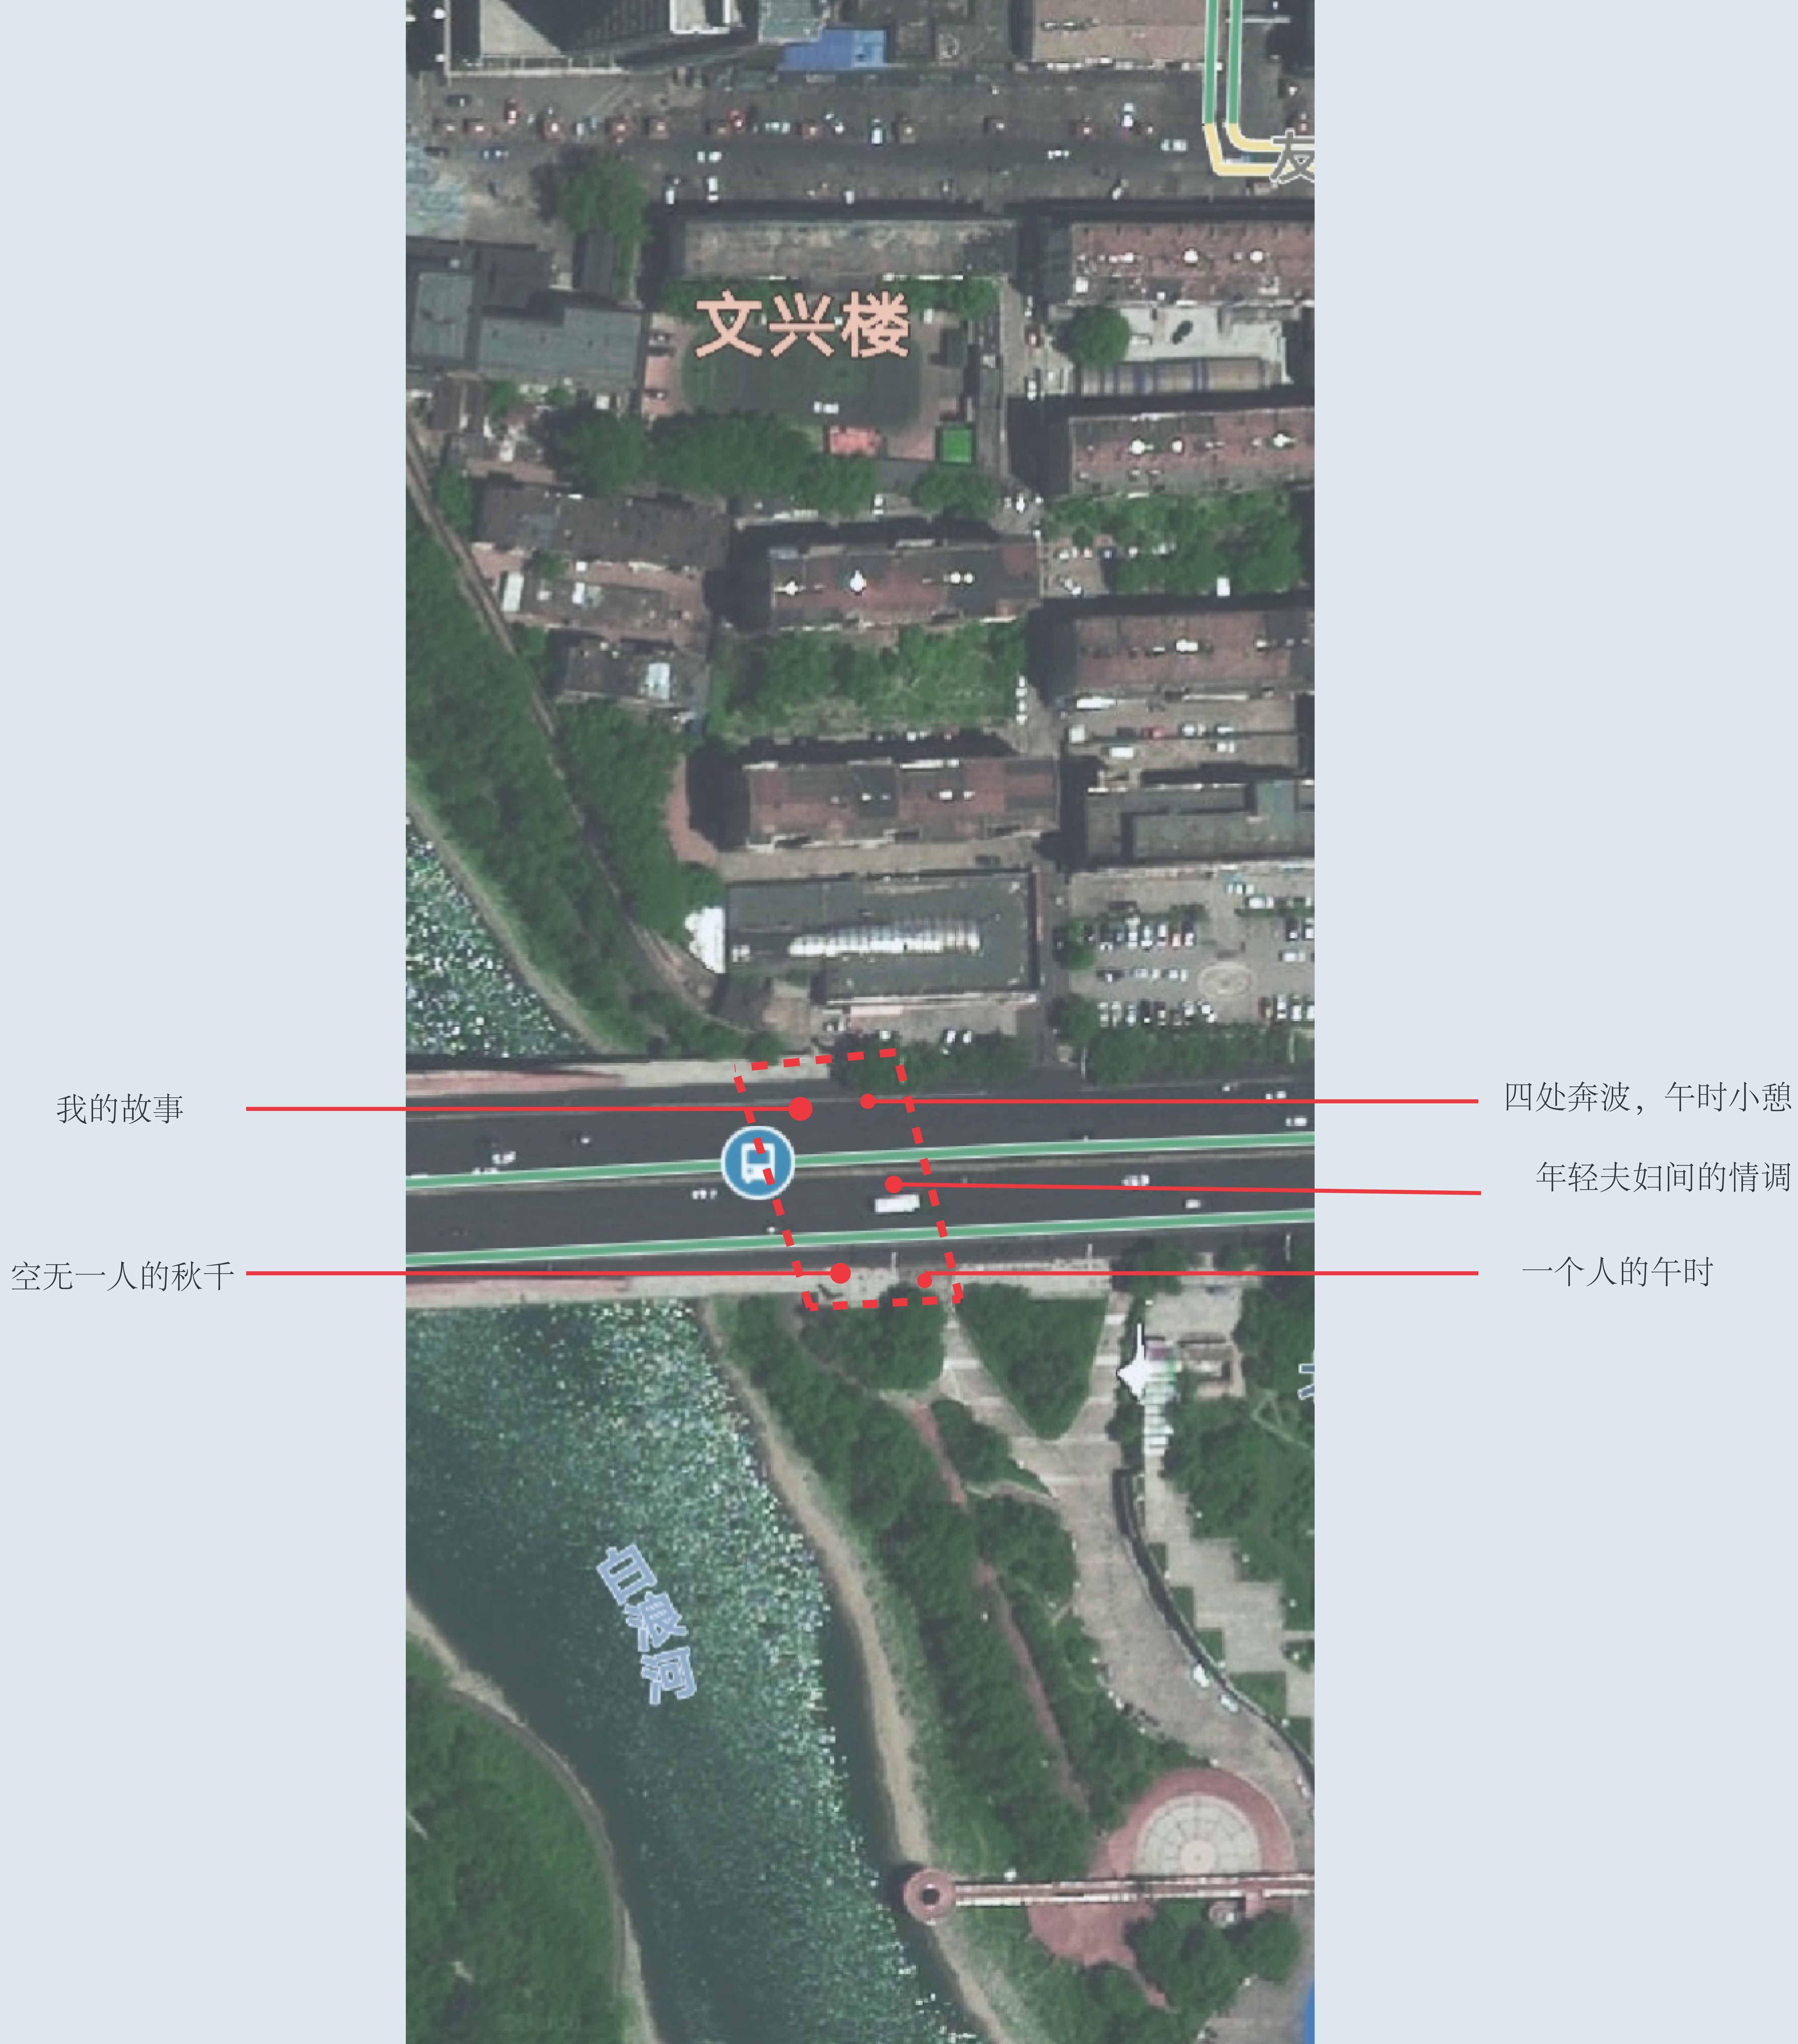 项目信息:山东省-潍坊市-奎文区-天润路与胜利西街交叉口西200米处桥下